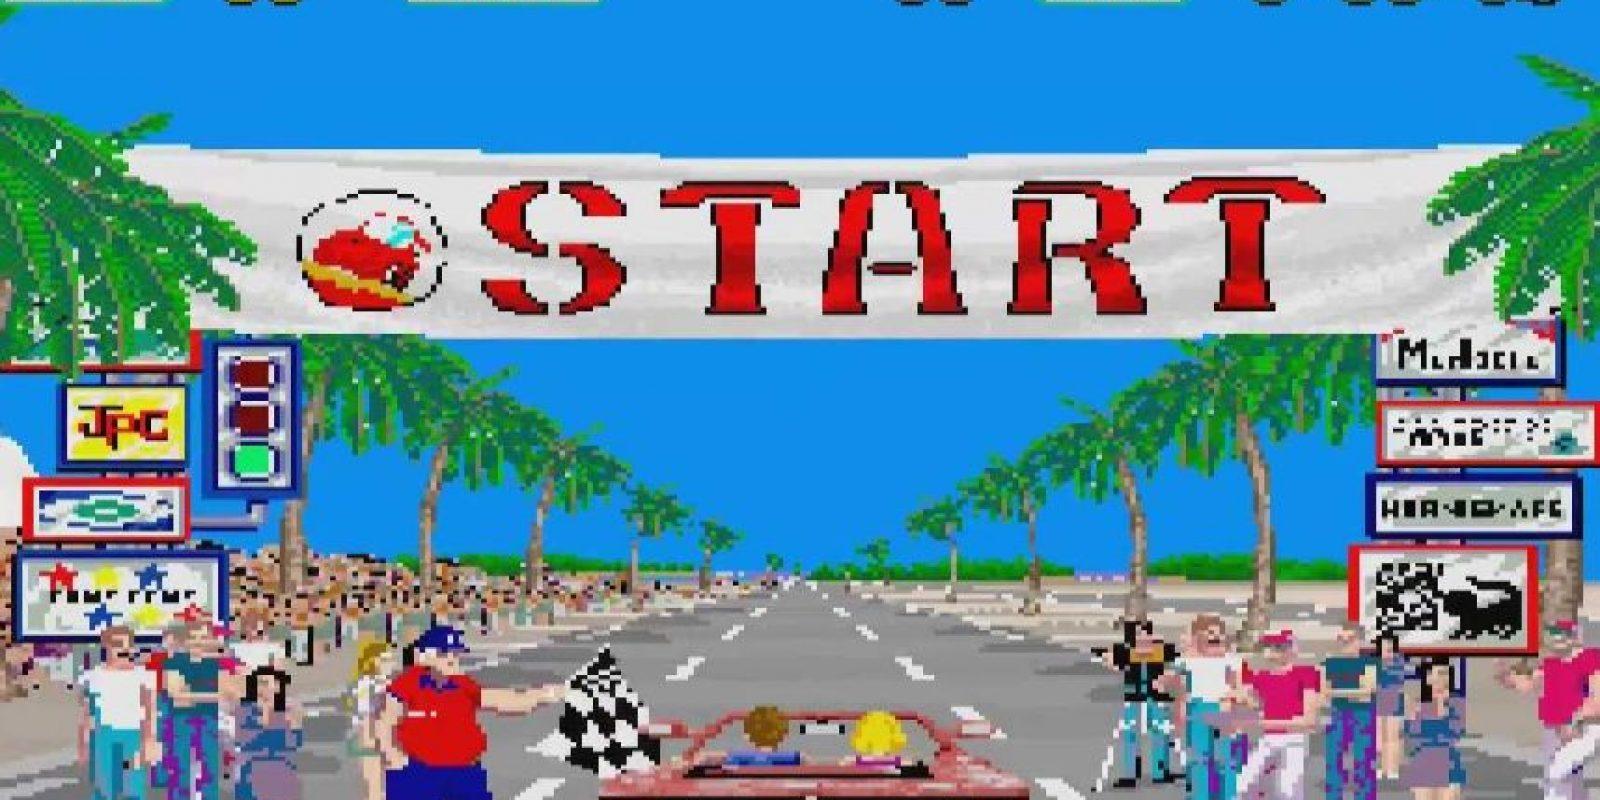 Out Run es un clásico para los amantes de los juegos de carreras. Fue el primer título de la historia que permitió al usuario elegir la música de fondo. Foto:Sega-AM2